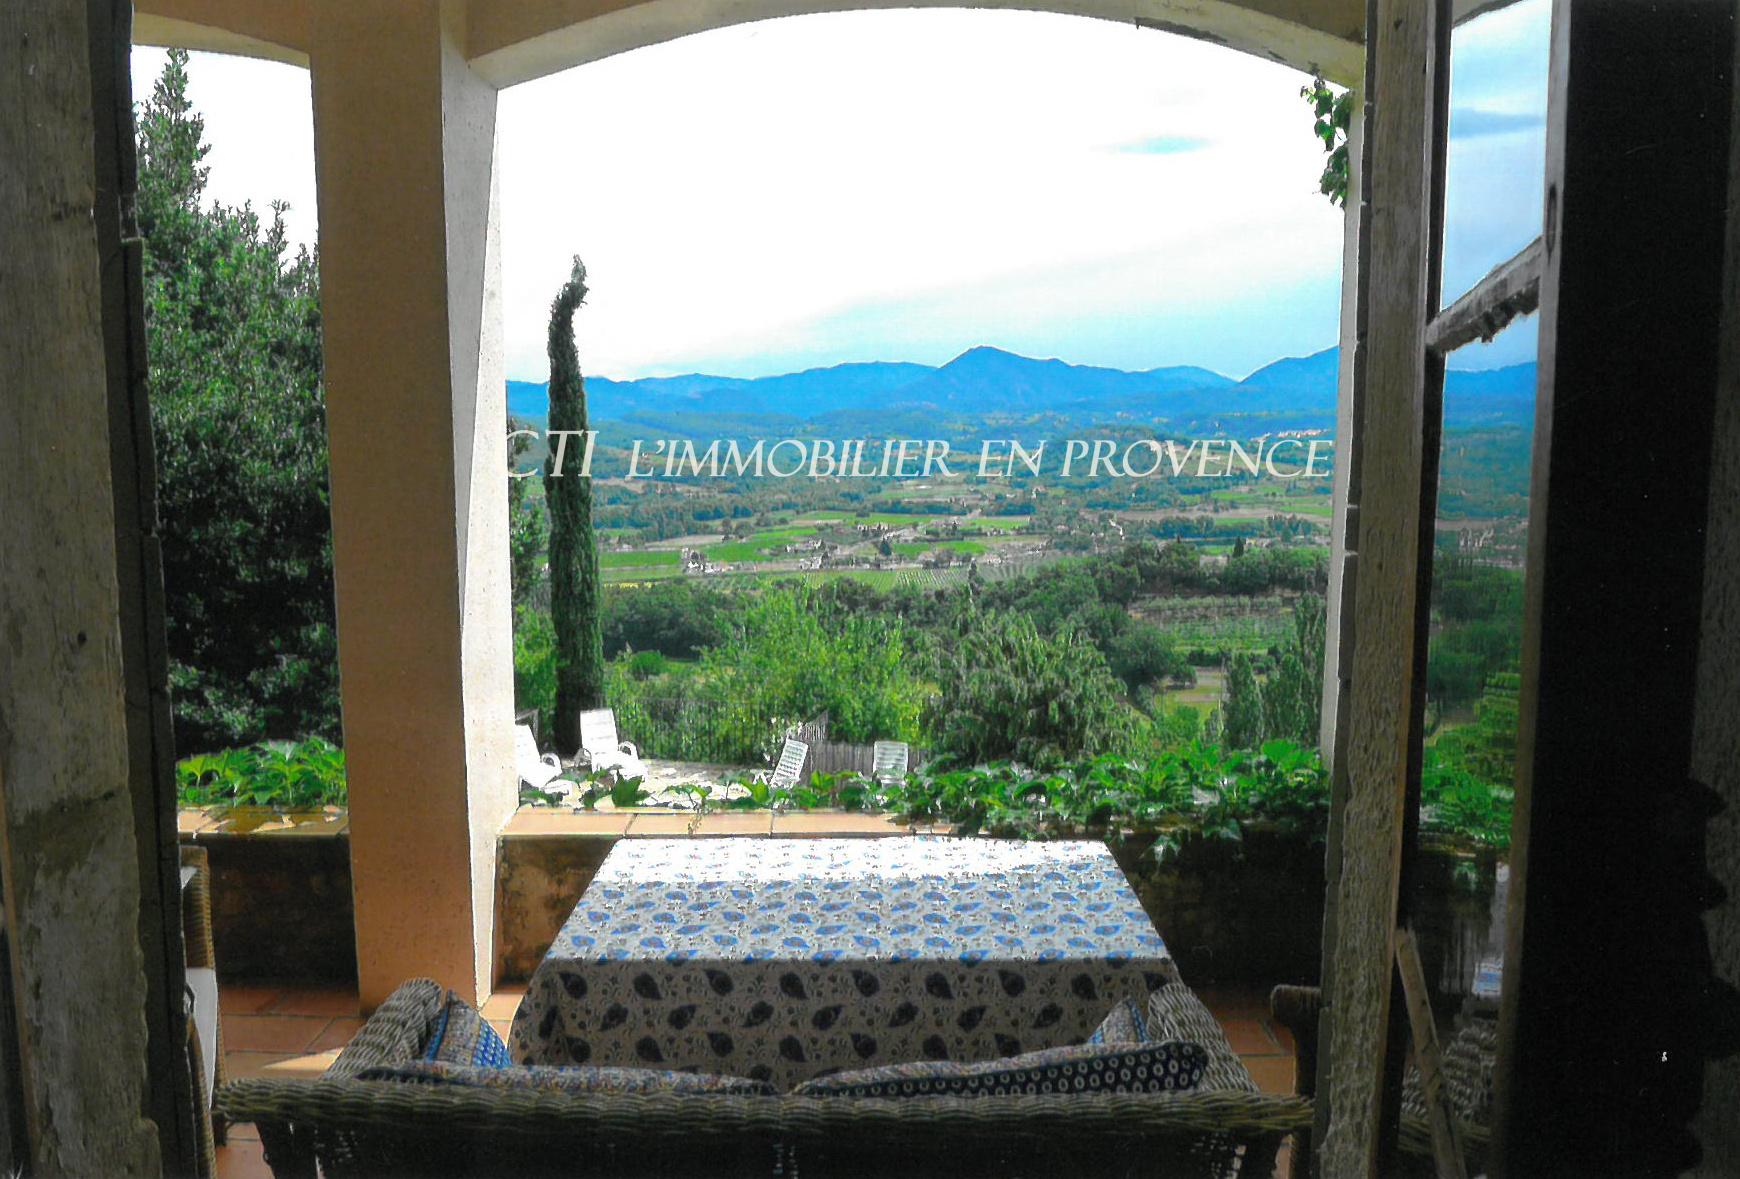 0 www.cti-provence.net, vente demeure de village position dominante, vue Ventoux, restaurée,